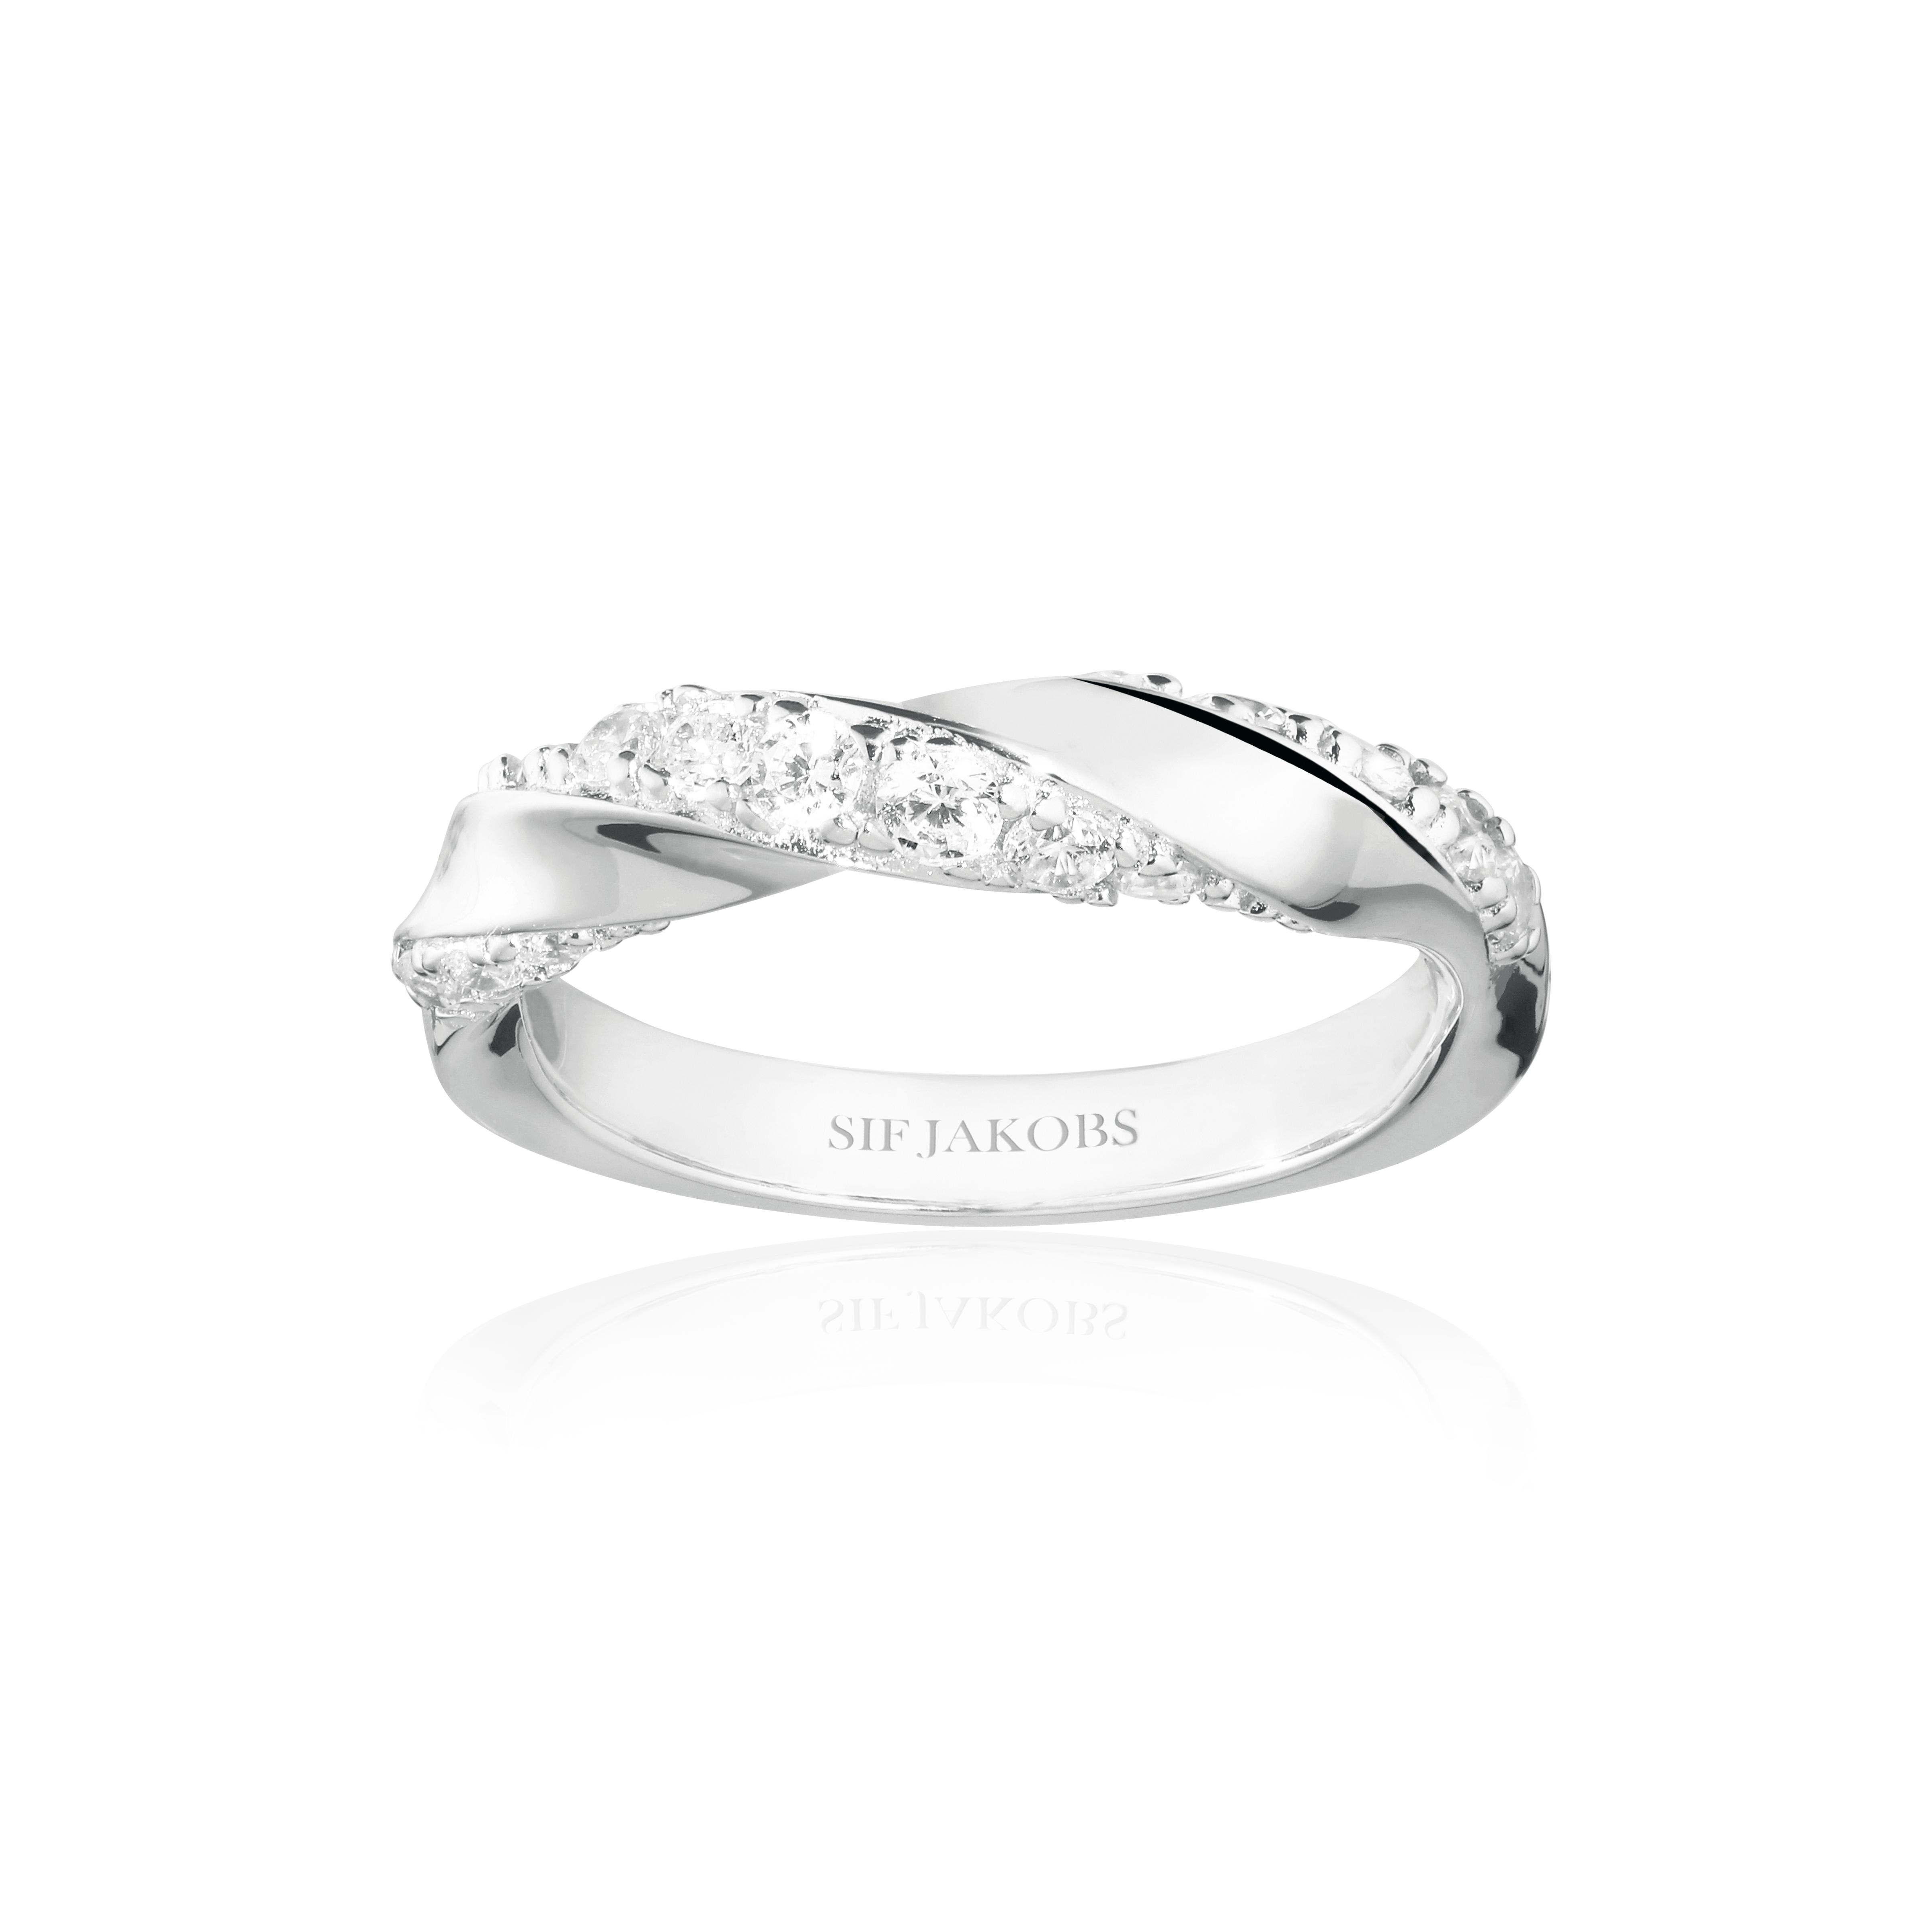 Sif Jakobs Jewellery Ferara ring, guld/hvid, 54